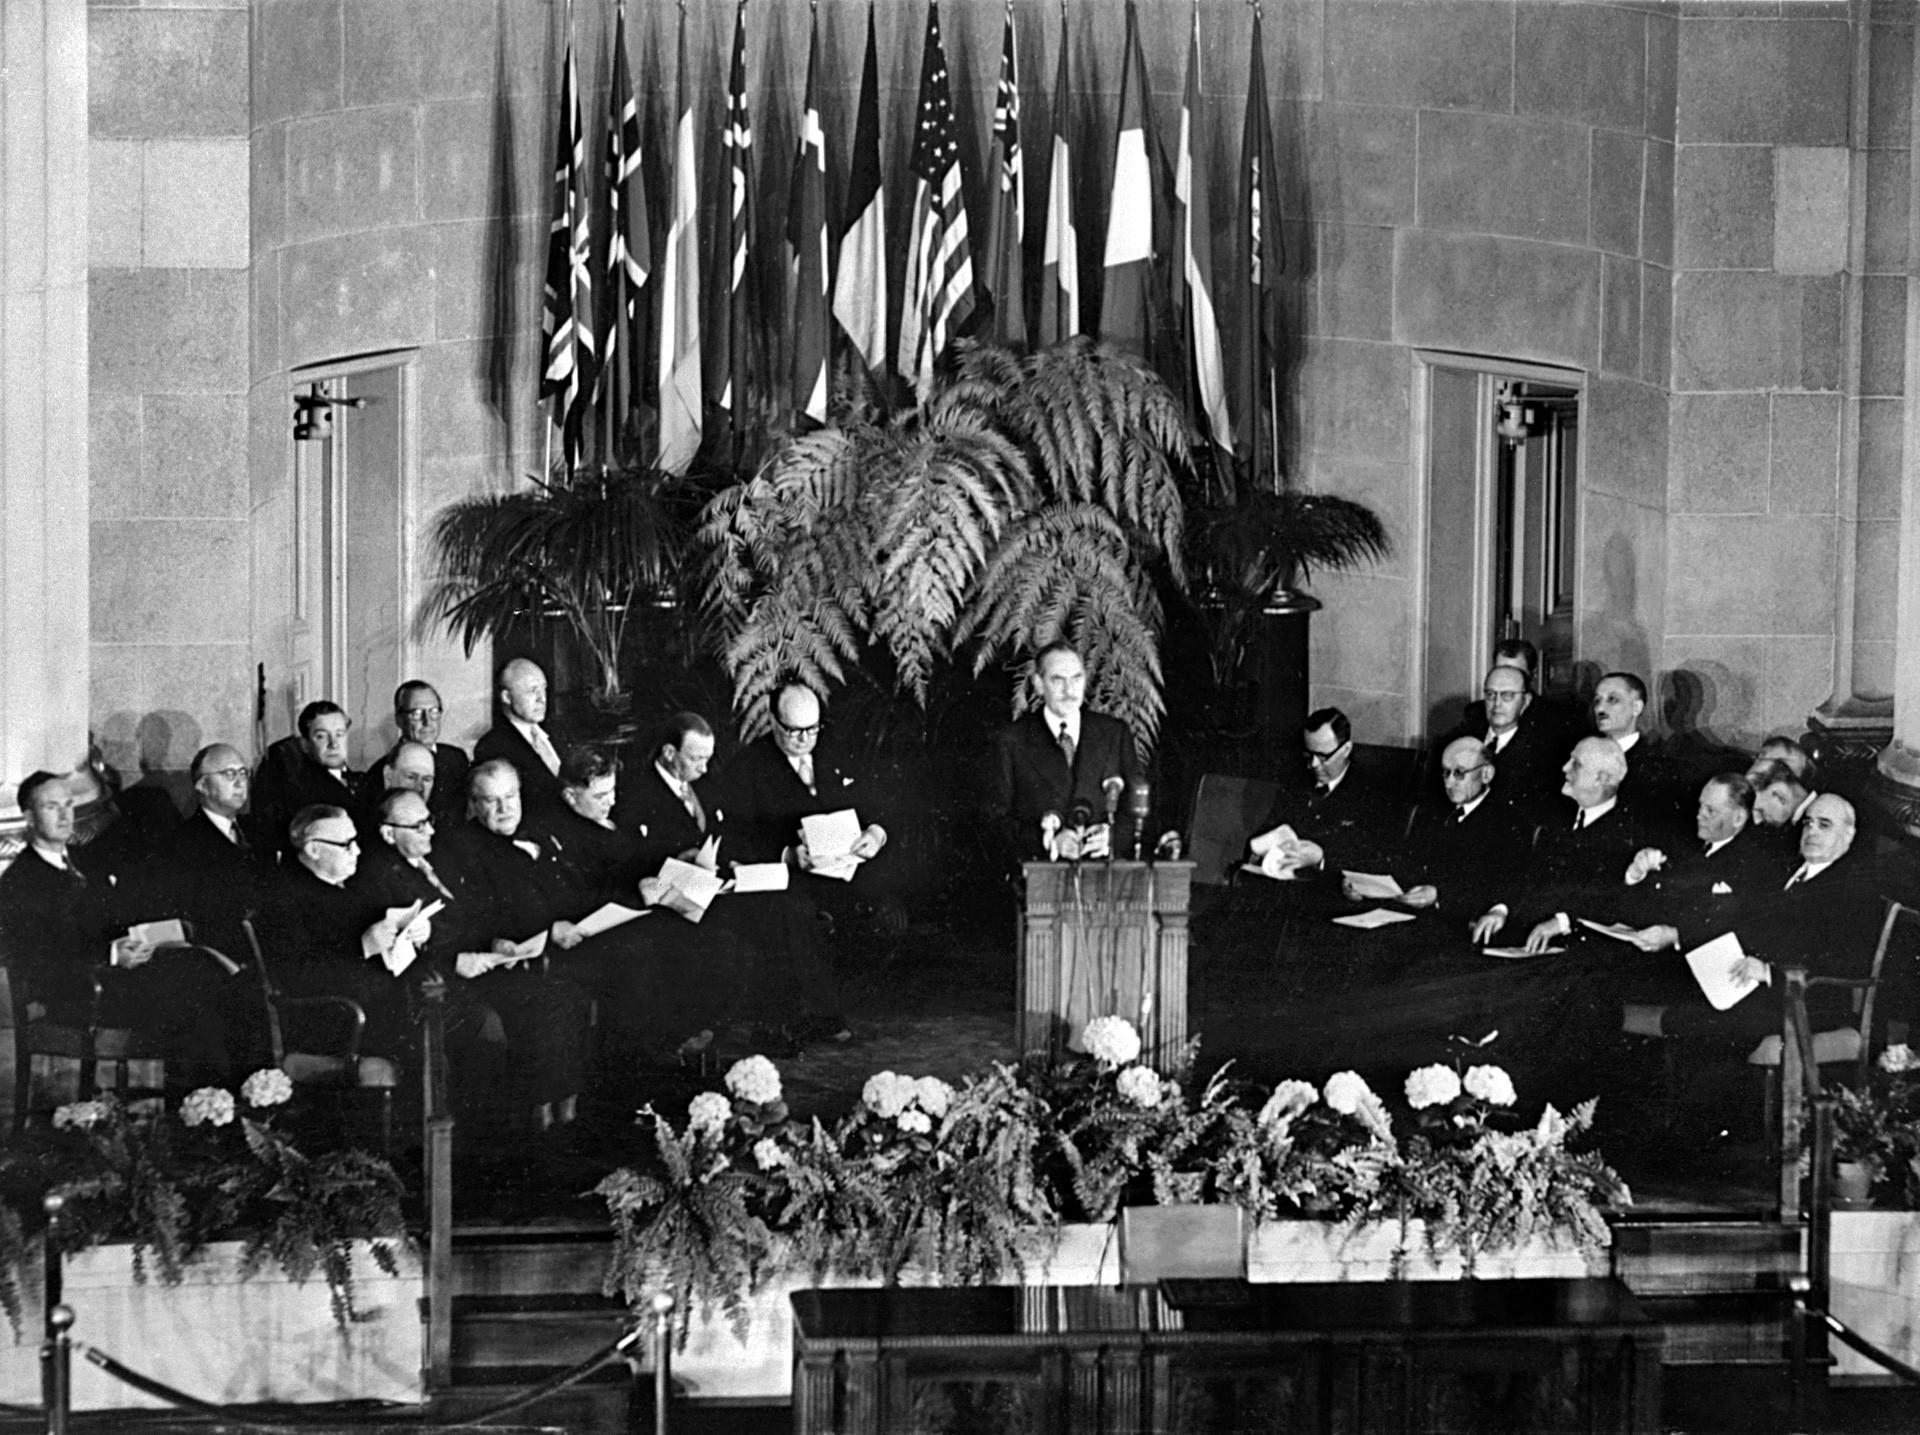 Званична церемонија потписивања Споразума о формирању Северноатлантског пакта (НАТО) у Вашингтону 4. април 1949. године.